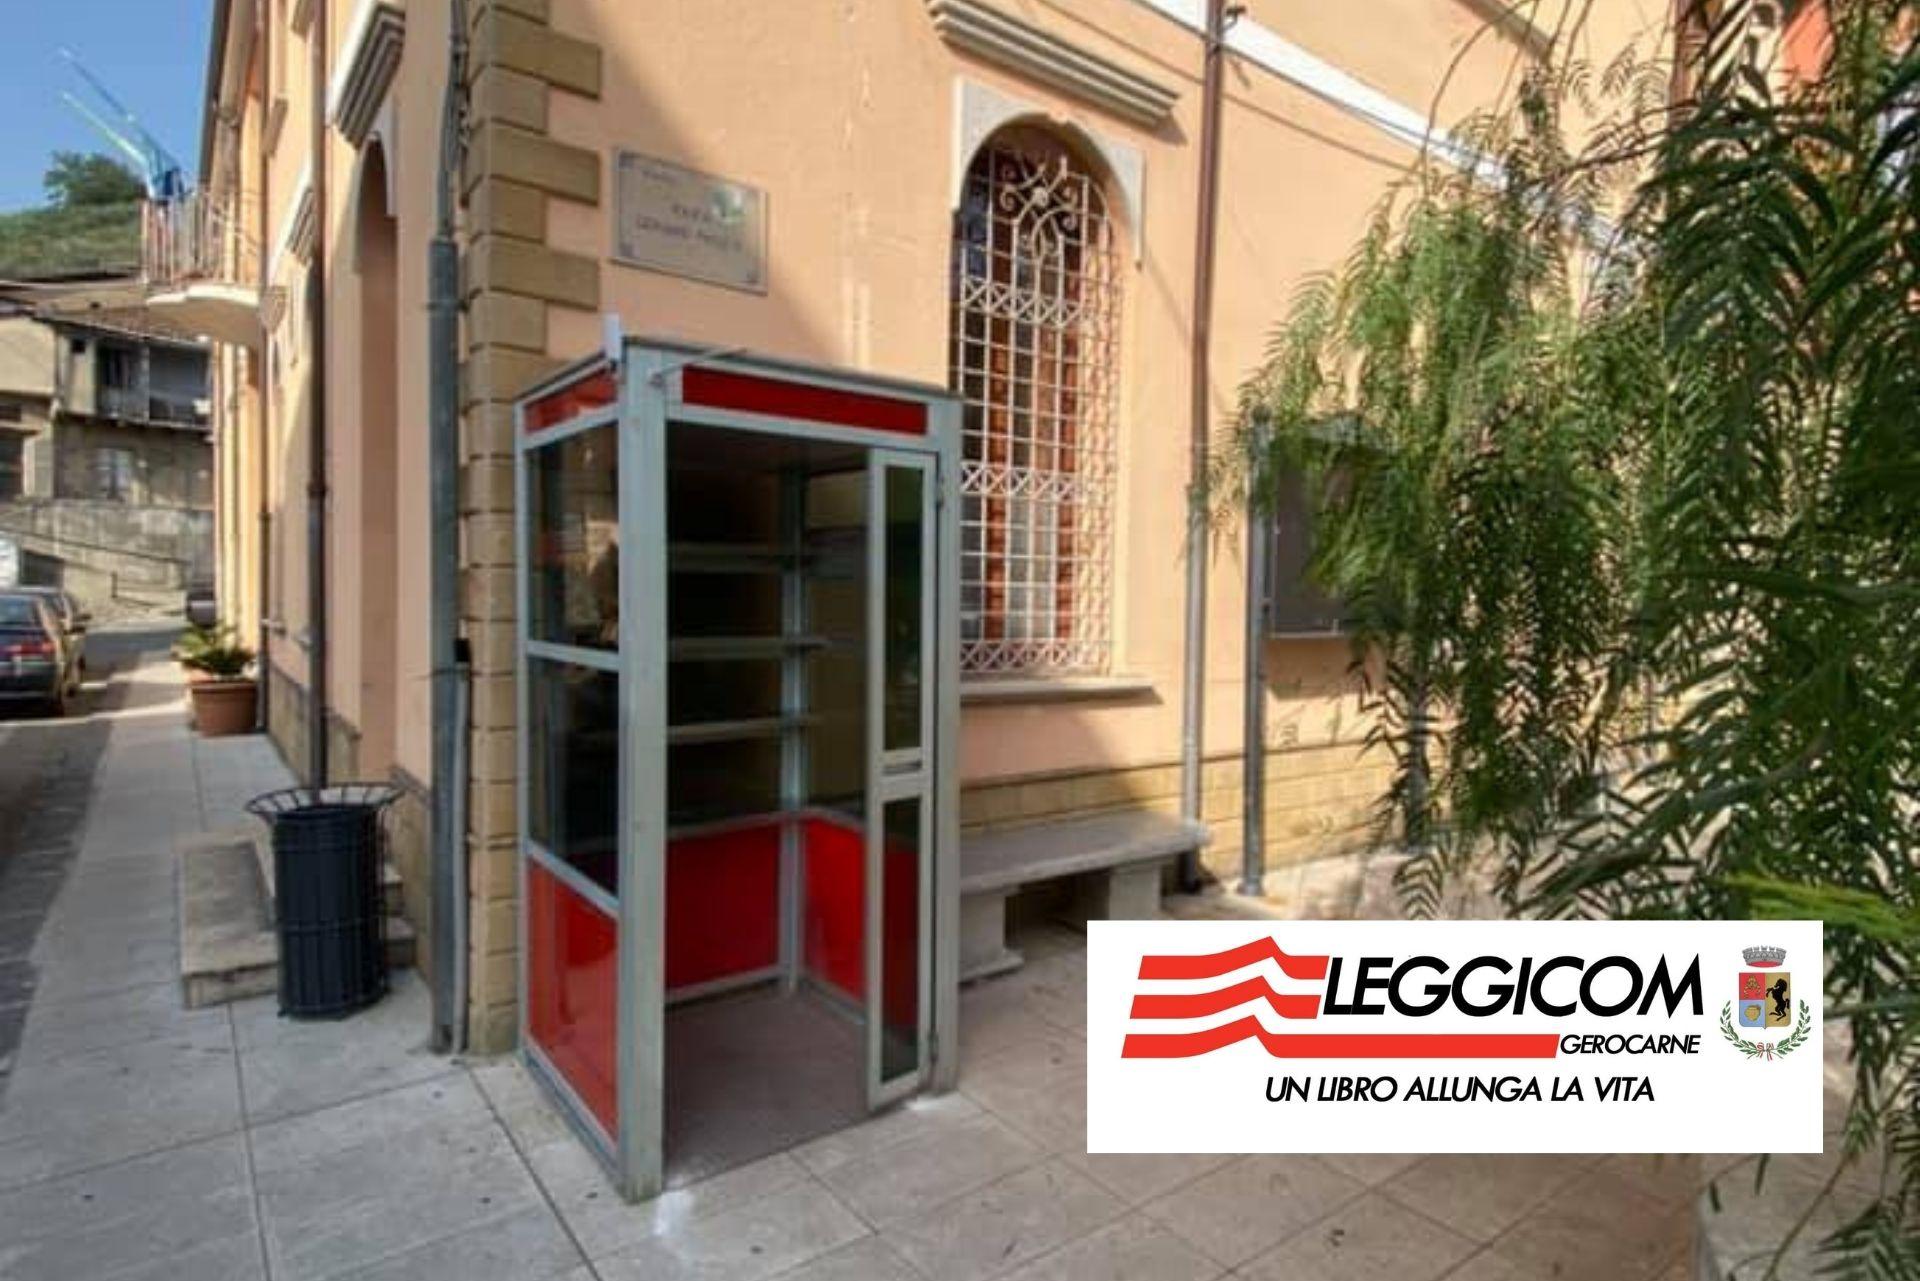 """""""Leggicom"""": l'idea a Gerocarne di trasformare la cabina telefonica in biblioteca"""